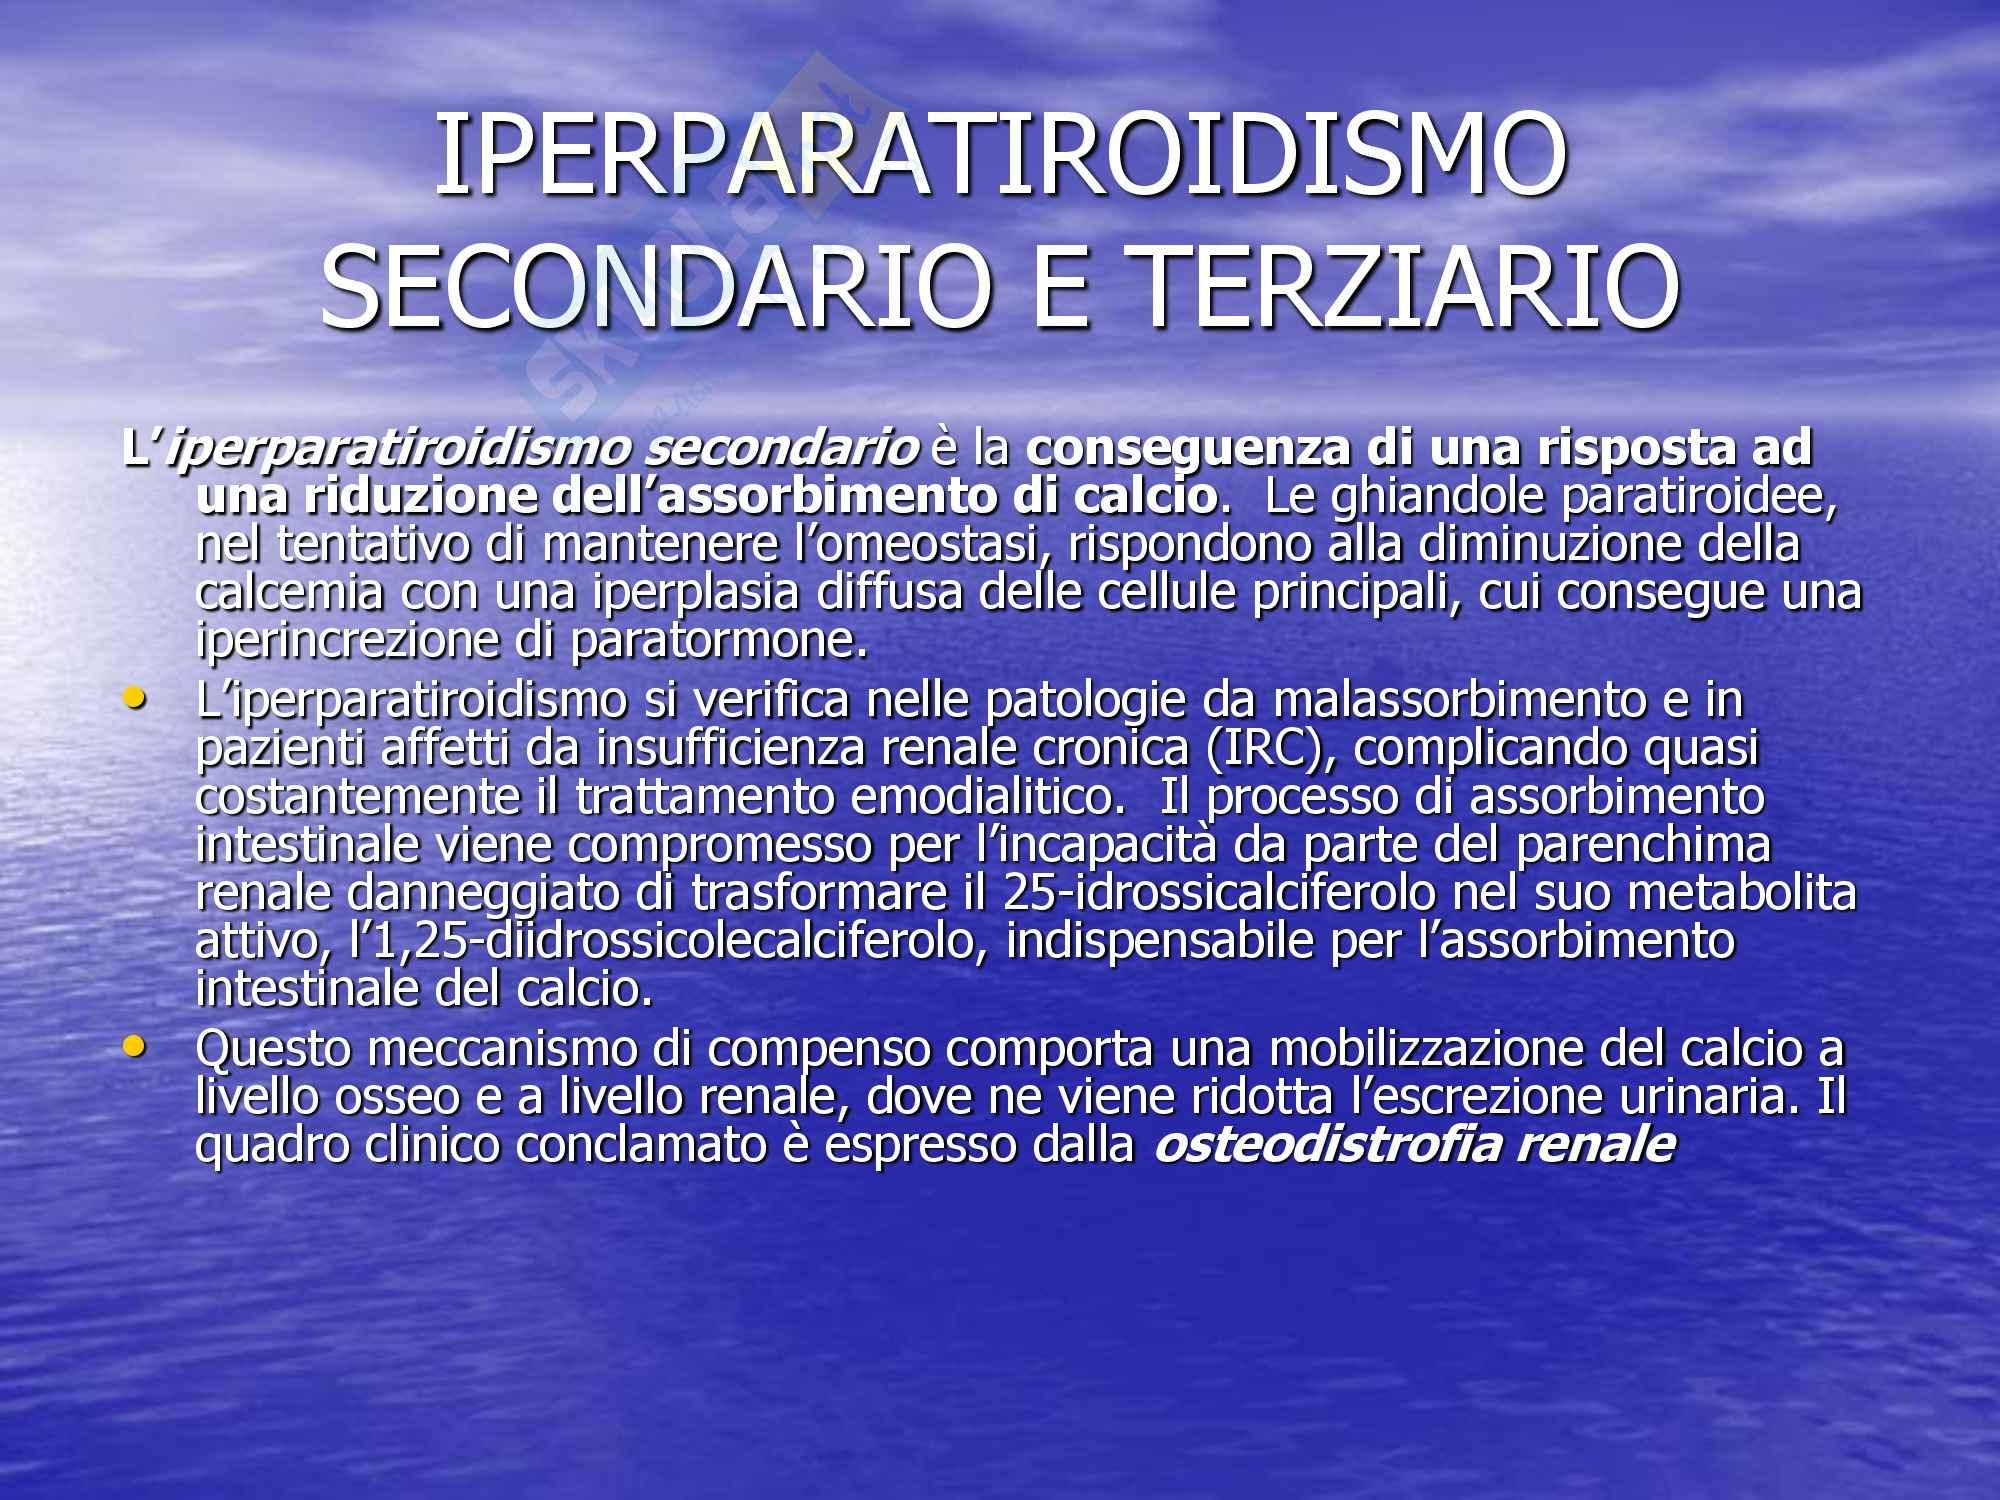 Chirurgia dell'apparato digerente - Iperparatiroidismo secondario e terziario